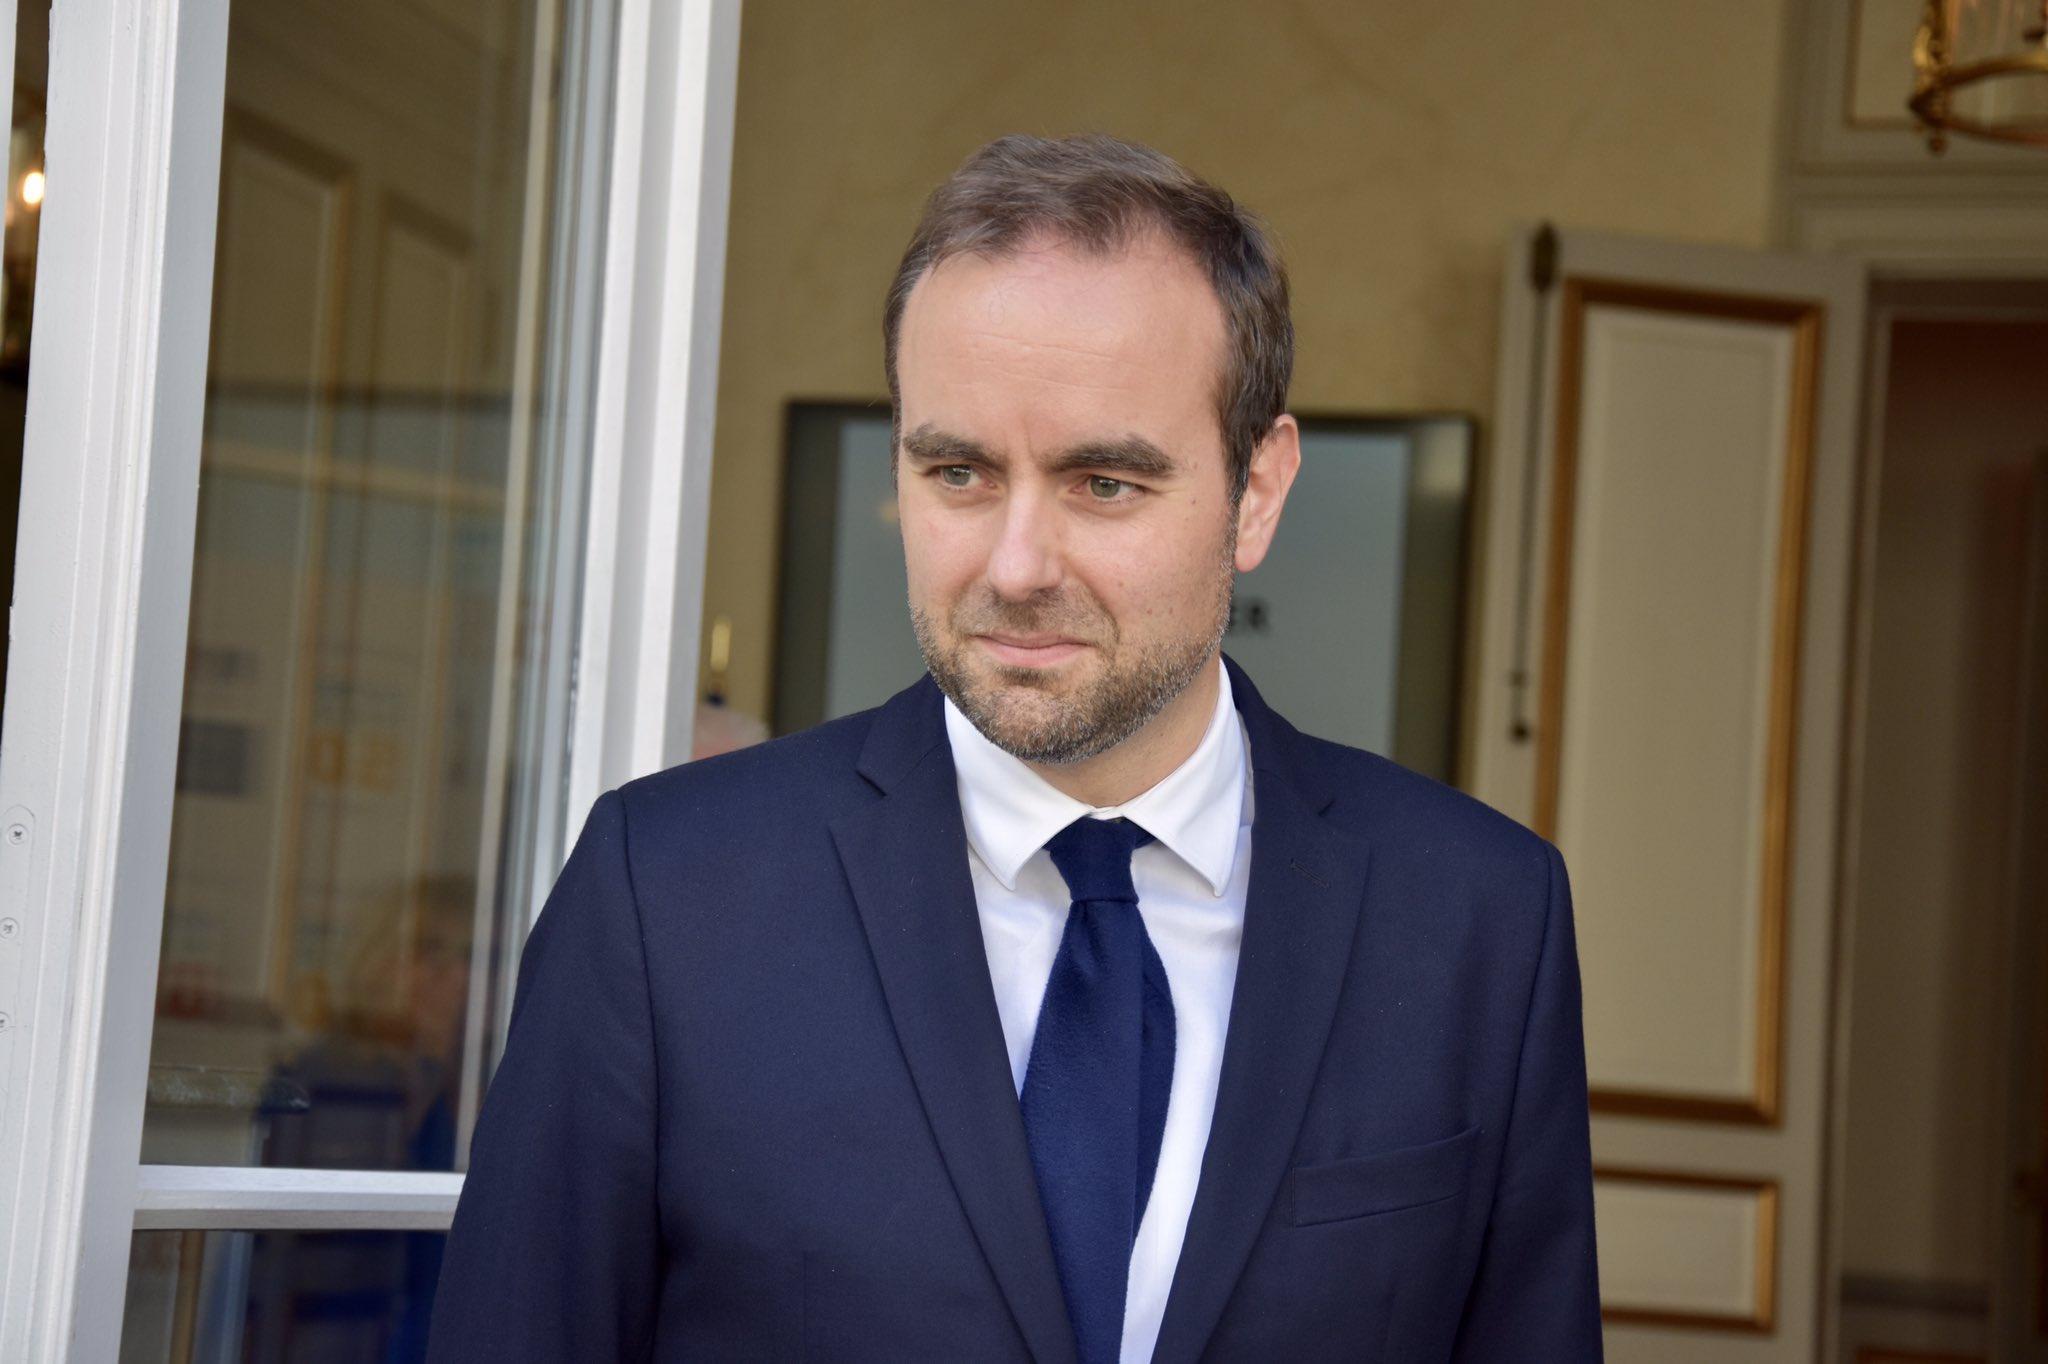 Nouvelle-Calédonie : Sébastien Lecornu promet 82 millions d'euros « pour contribuer aux dépenses engagées par la crise sanitaire »